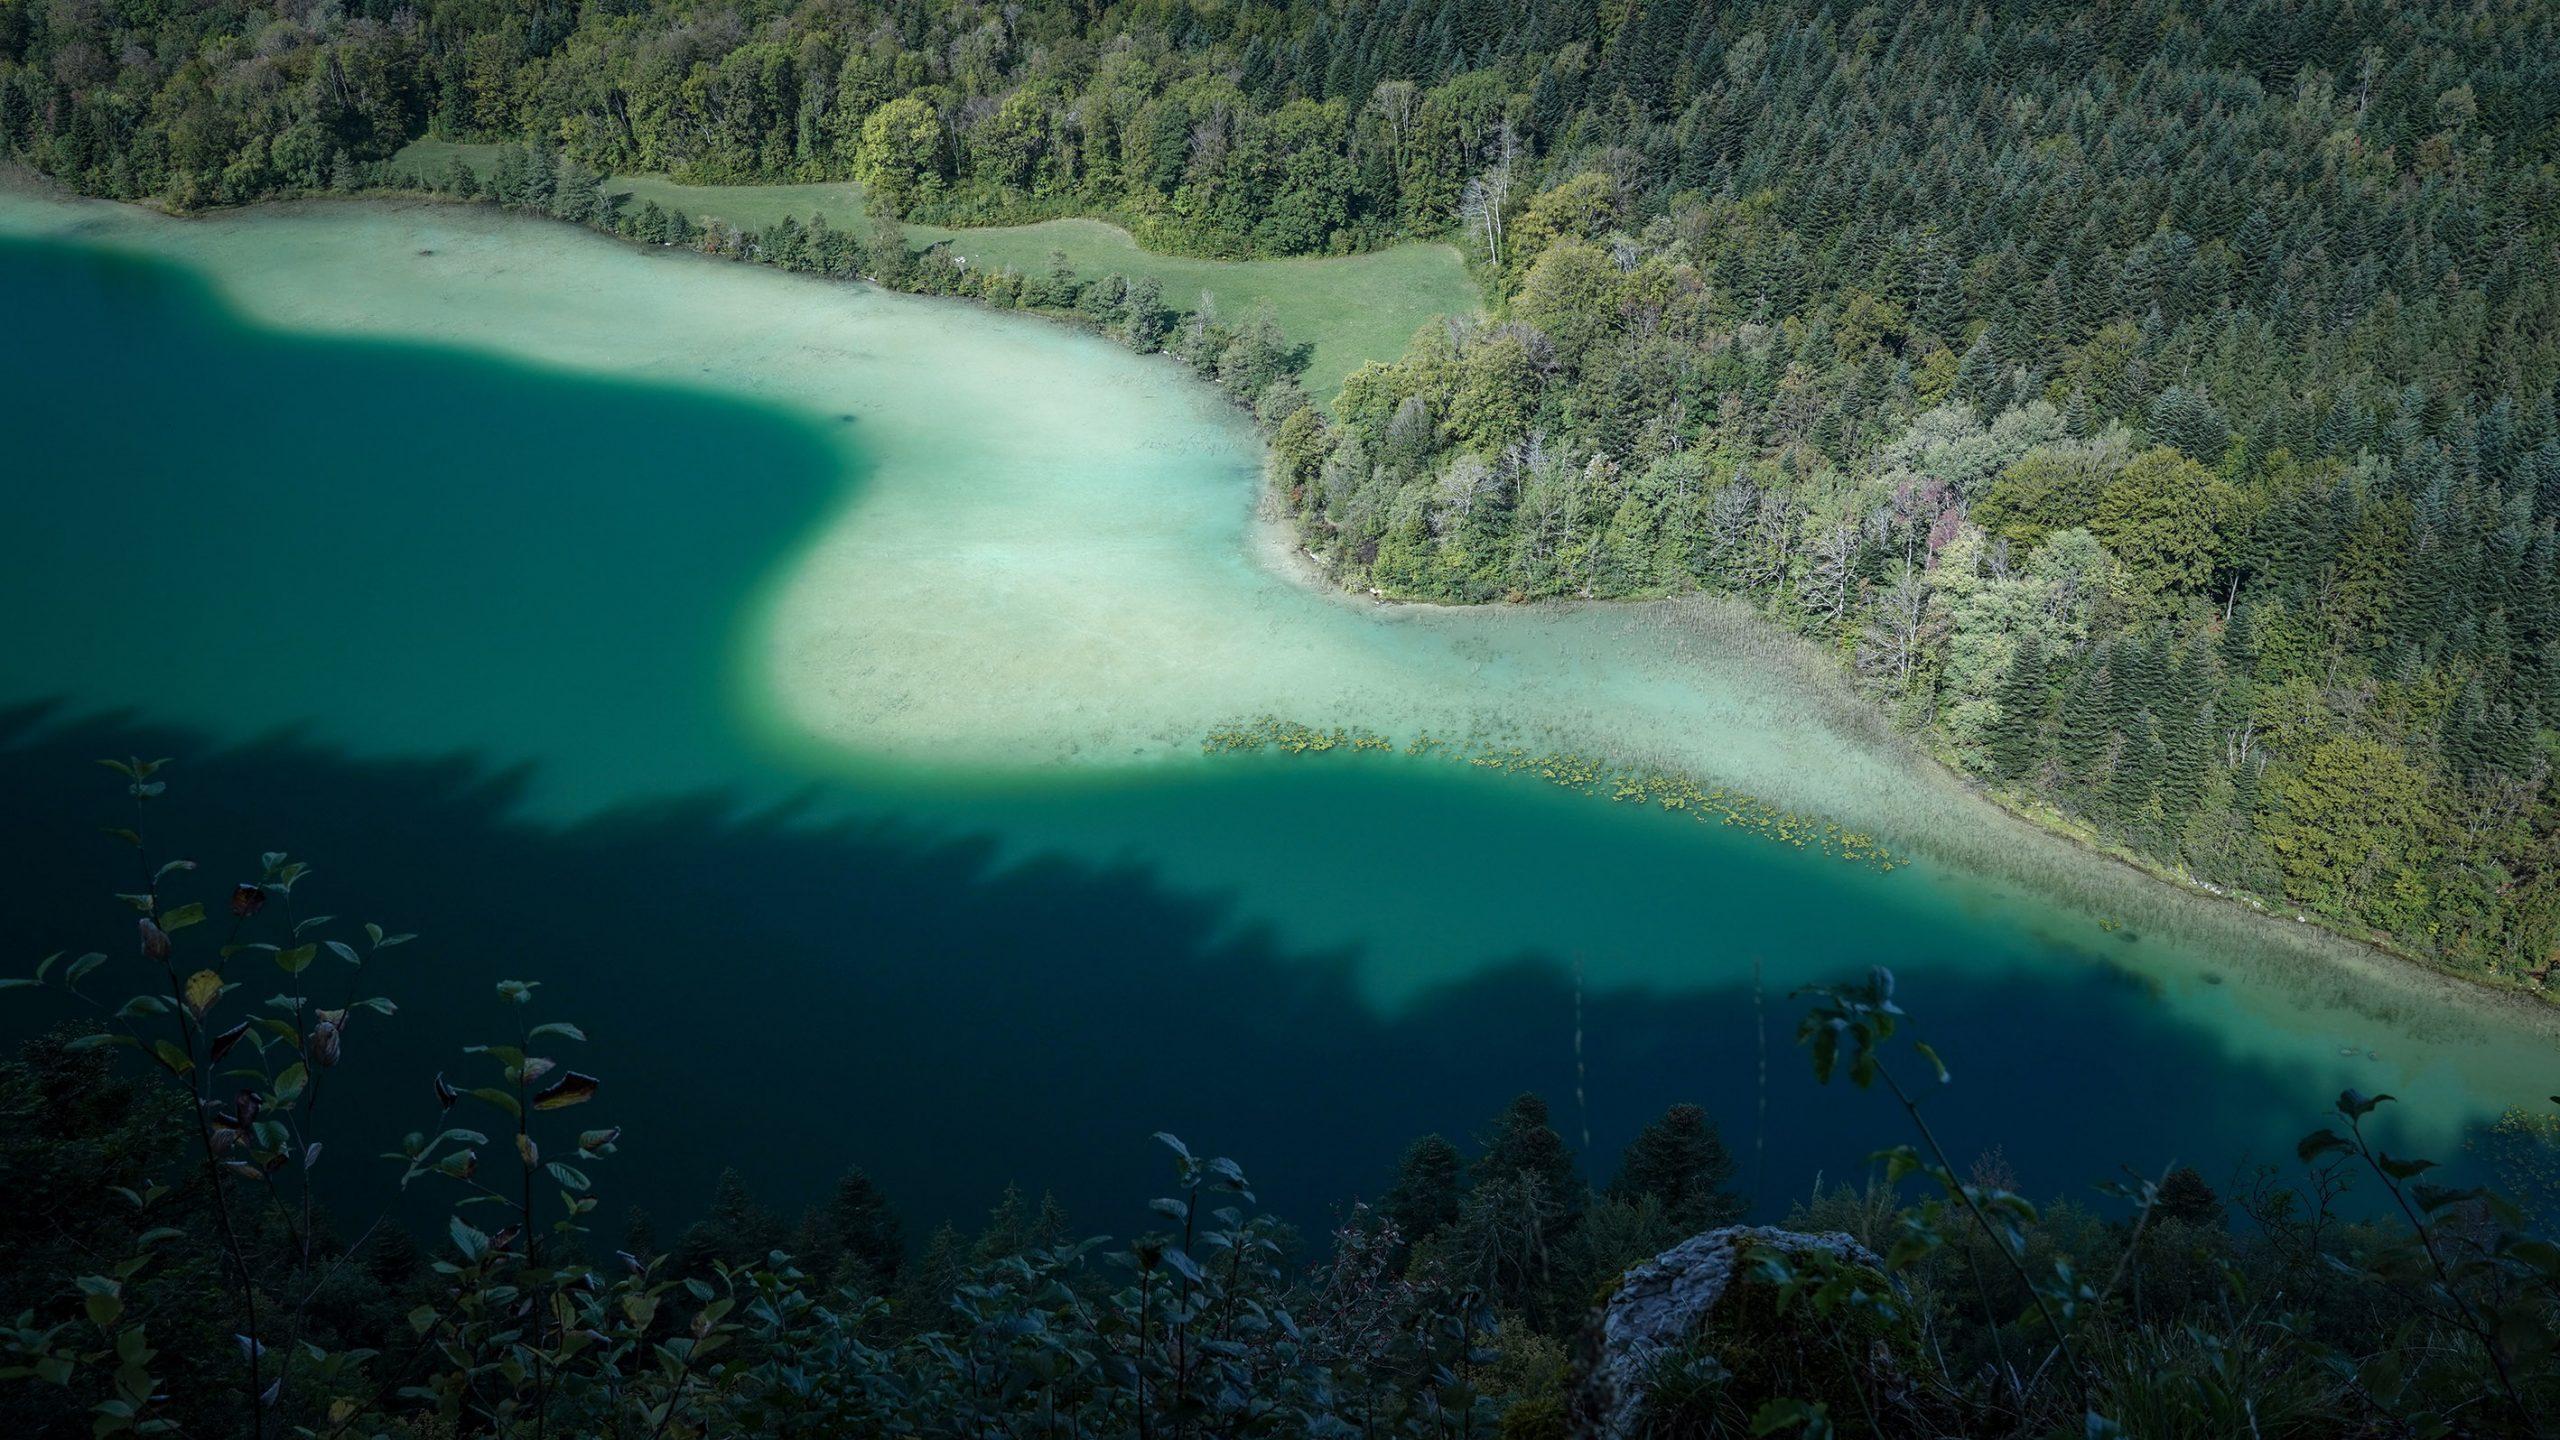 Belvédère des quatre lacs lac Maclu, courbes dégradé bleu vert sapins